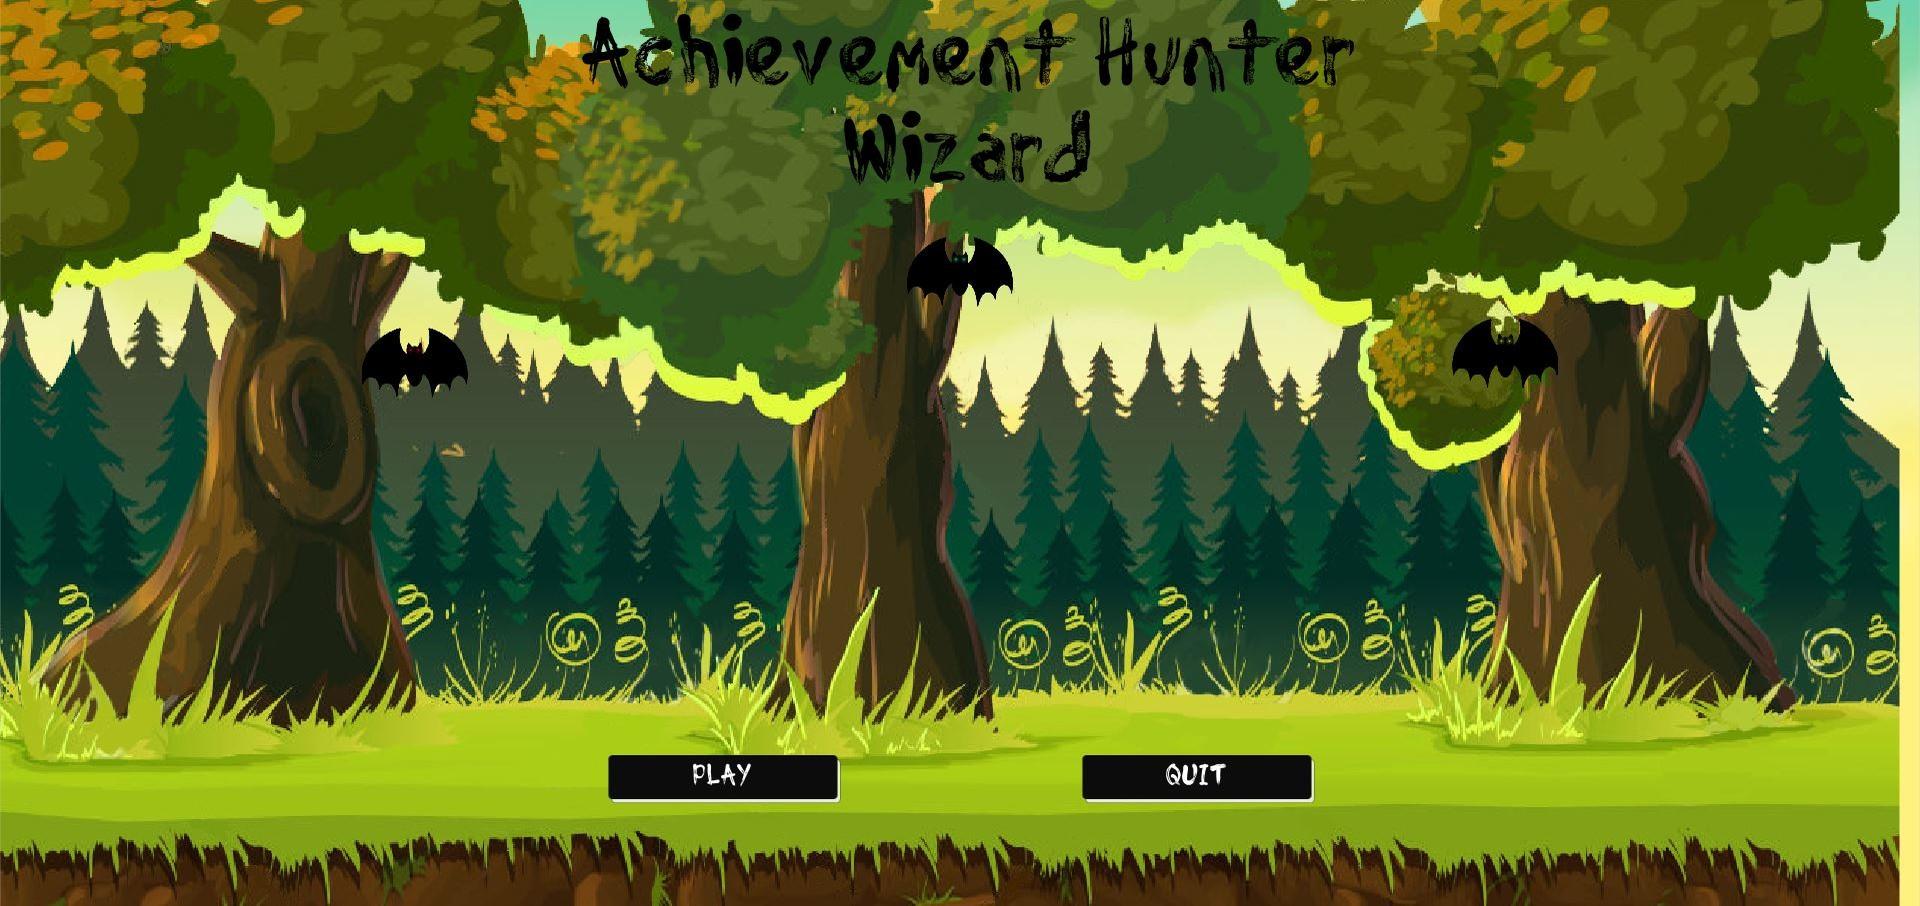 Achievement Hunter: Wizard screenshot